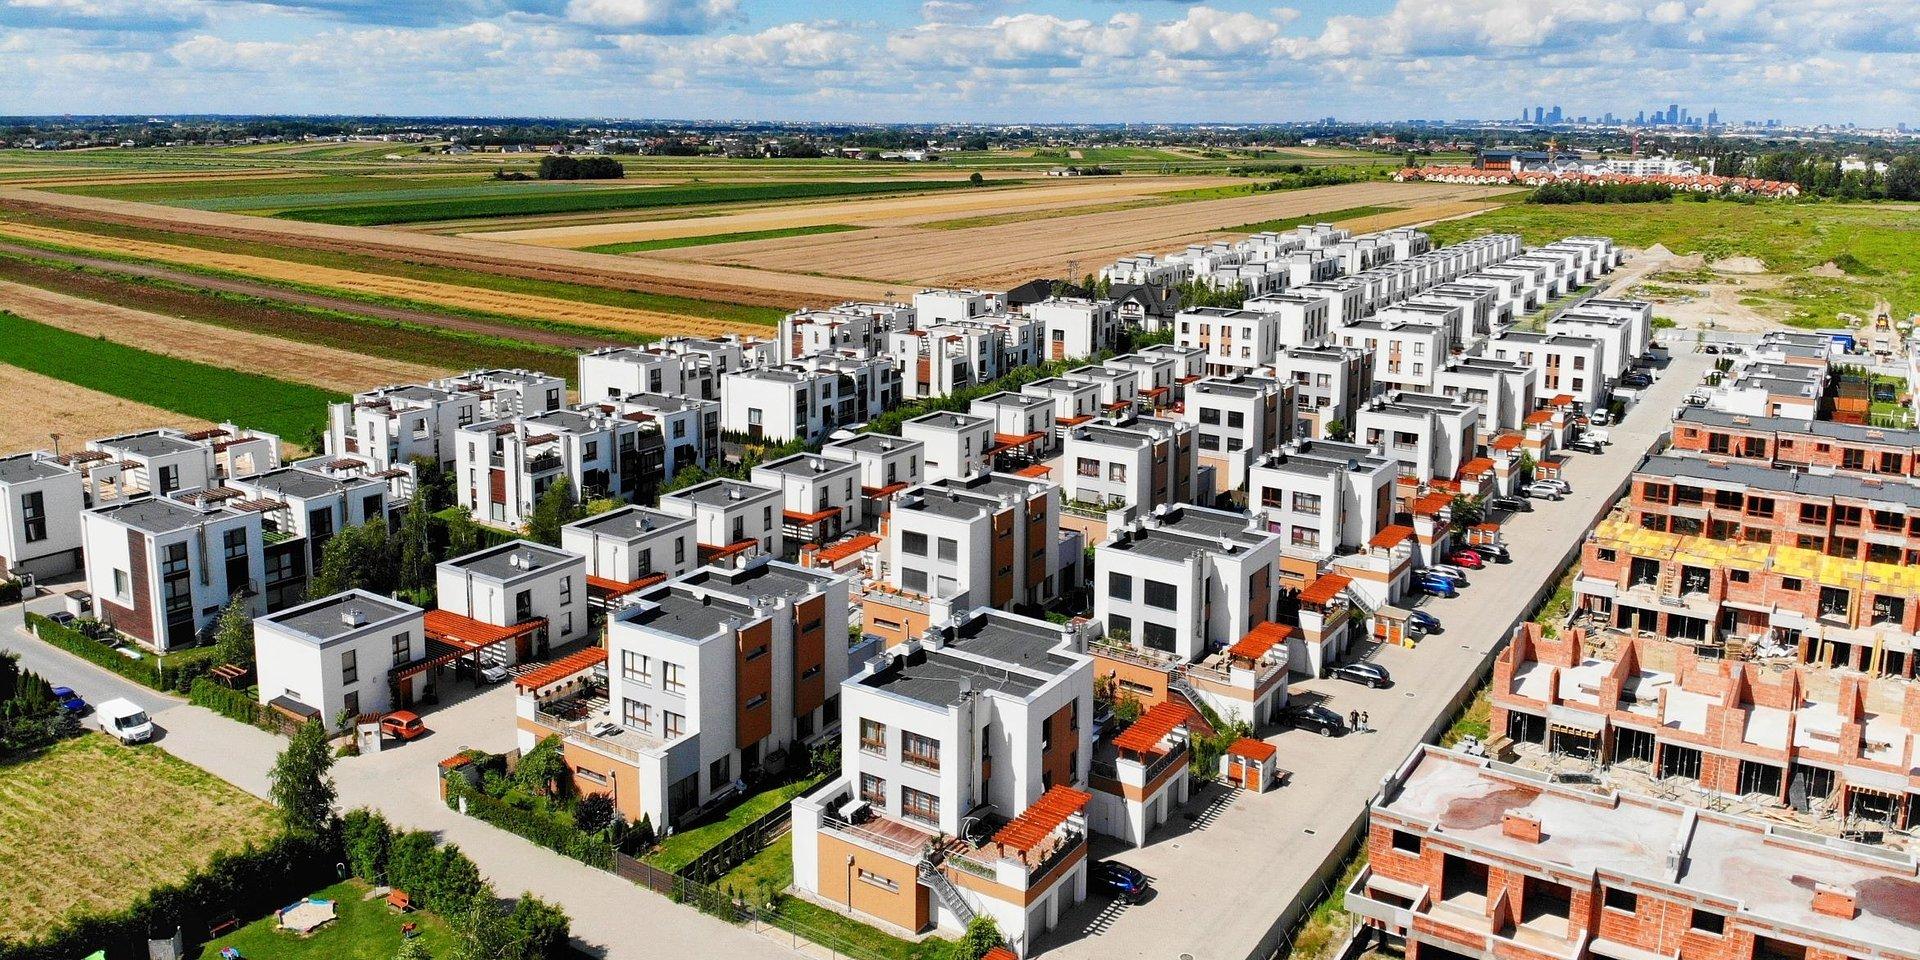 Dynamic Development inwestuje w Olsztynie. Chce stworzyć architektoniczną wizytówkę miasta